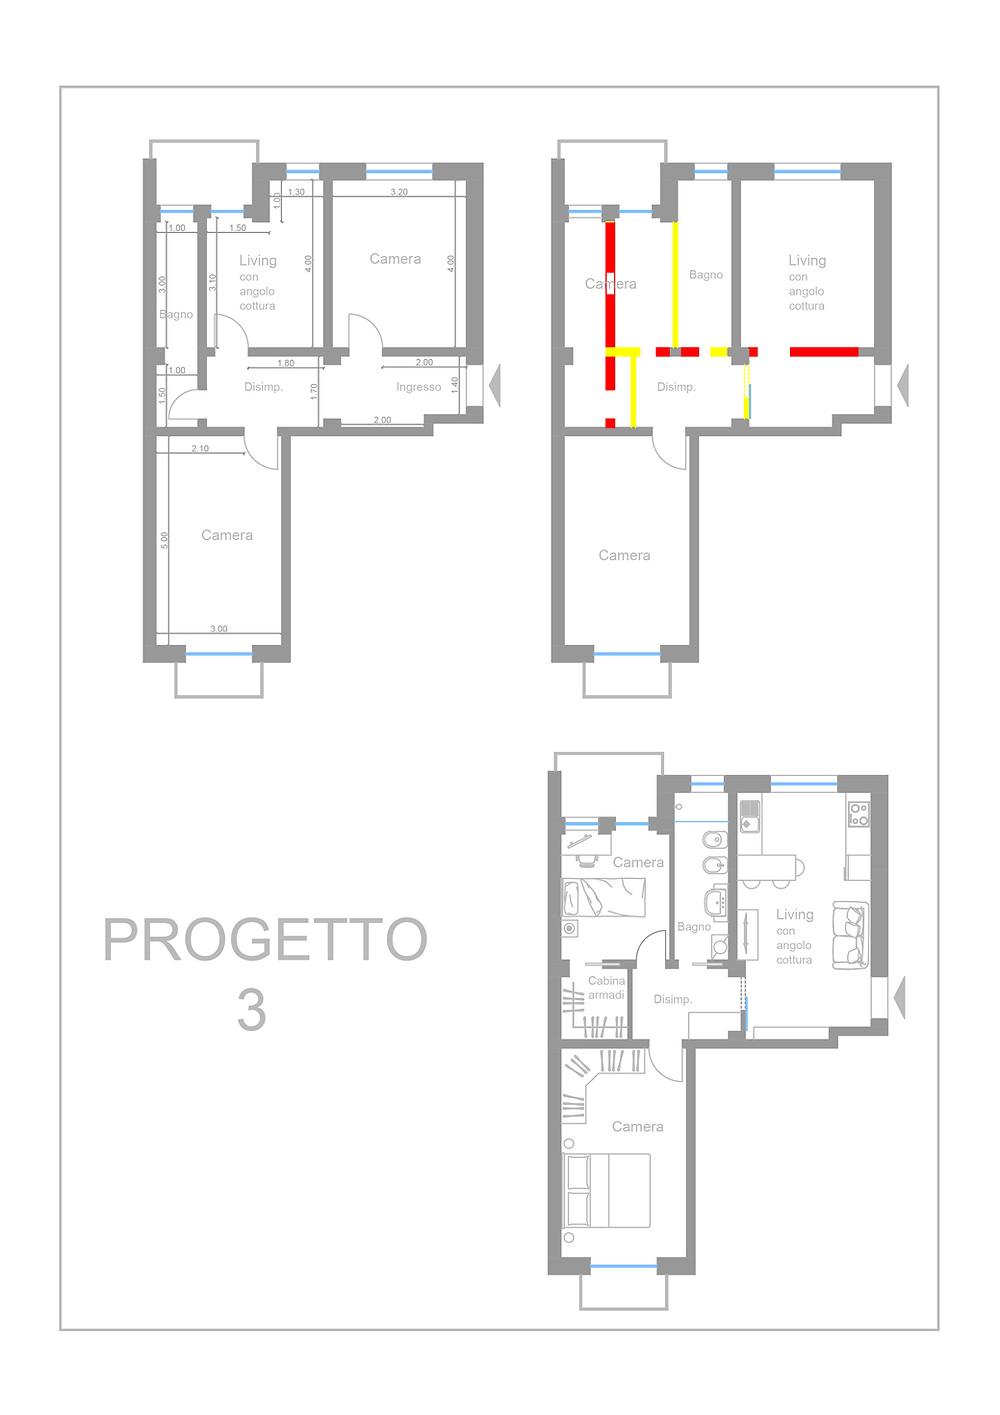 Appartamento di strada Castello di Mirafiori 107, planimetria dello stato di fatto e del progetto